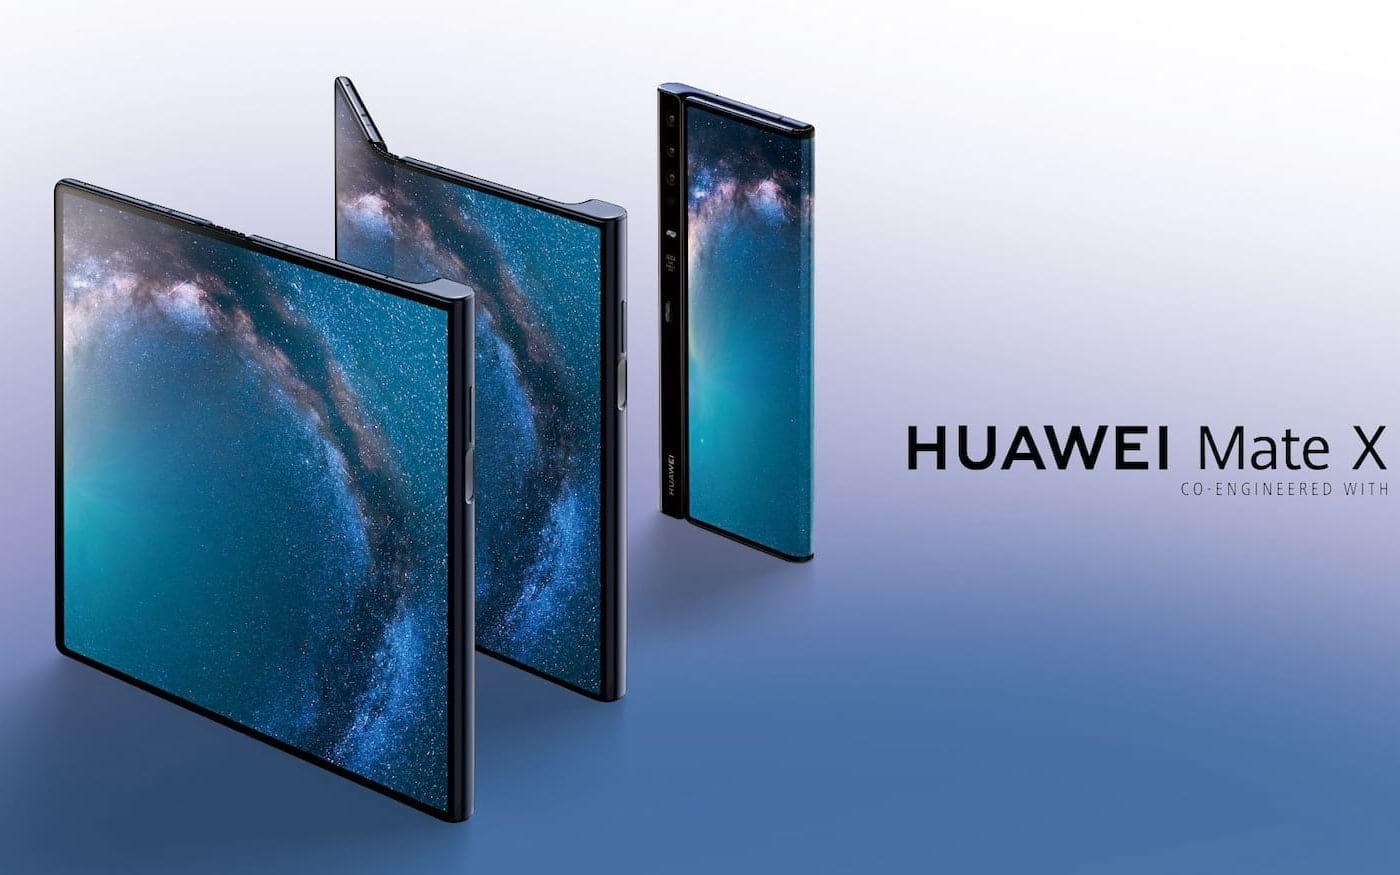 Huawei Mate X deverá ser lançado em outubro